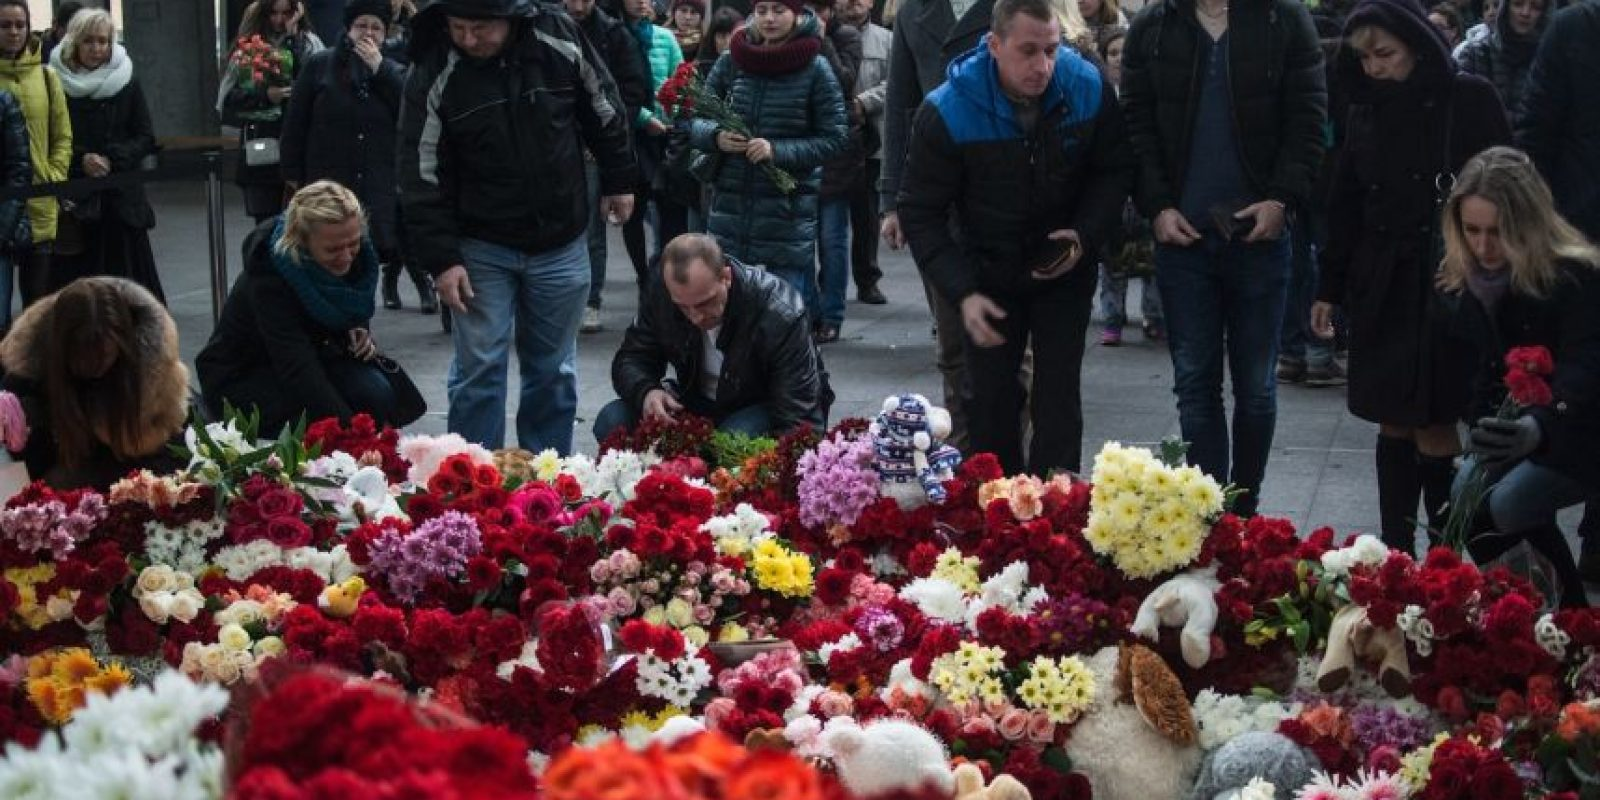 Se especula que un fallo técnico pudo causar el accidente Foto:Getty Images